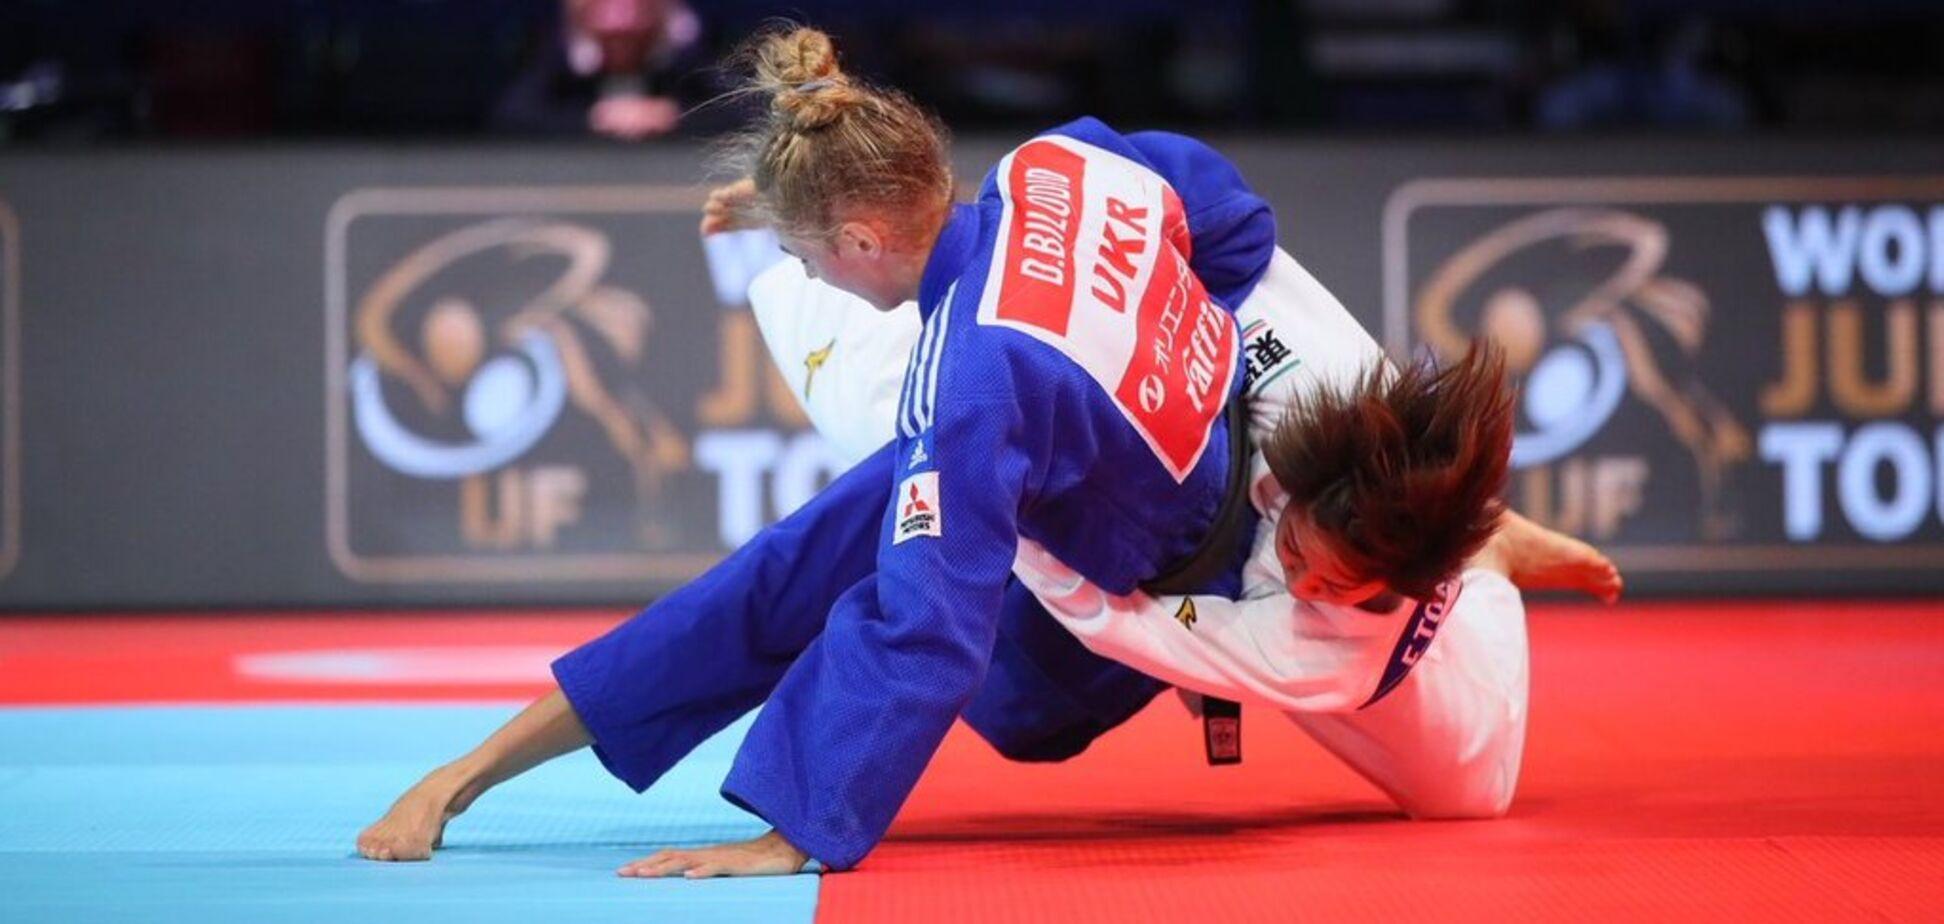 Украинка Белодед с историческим рекордом выиграла чемпионат мира по дзюдо